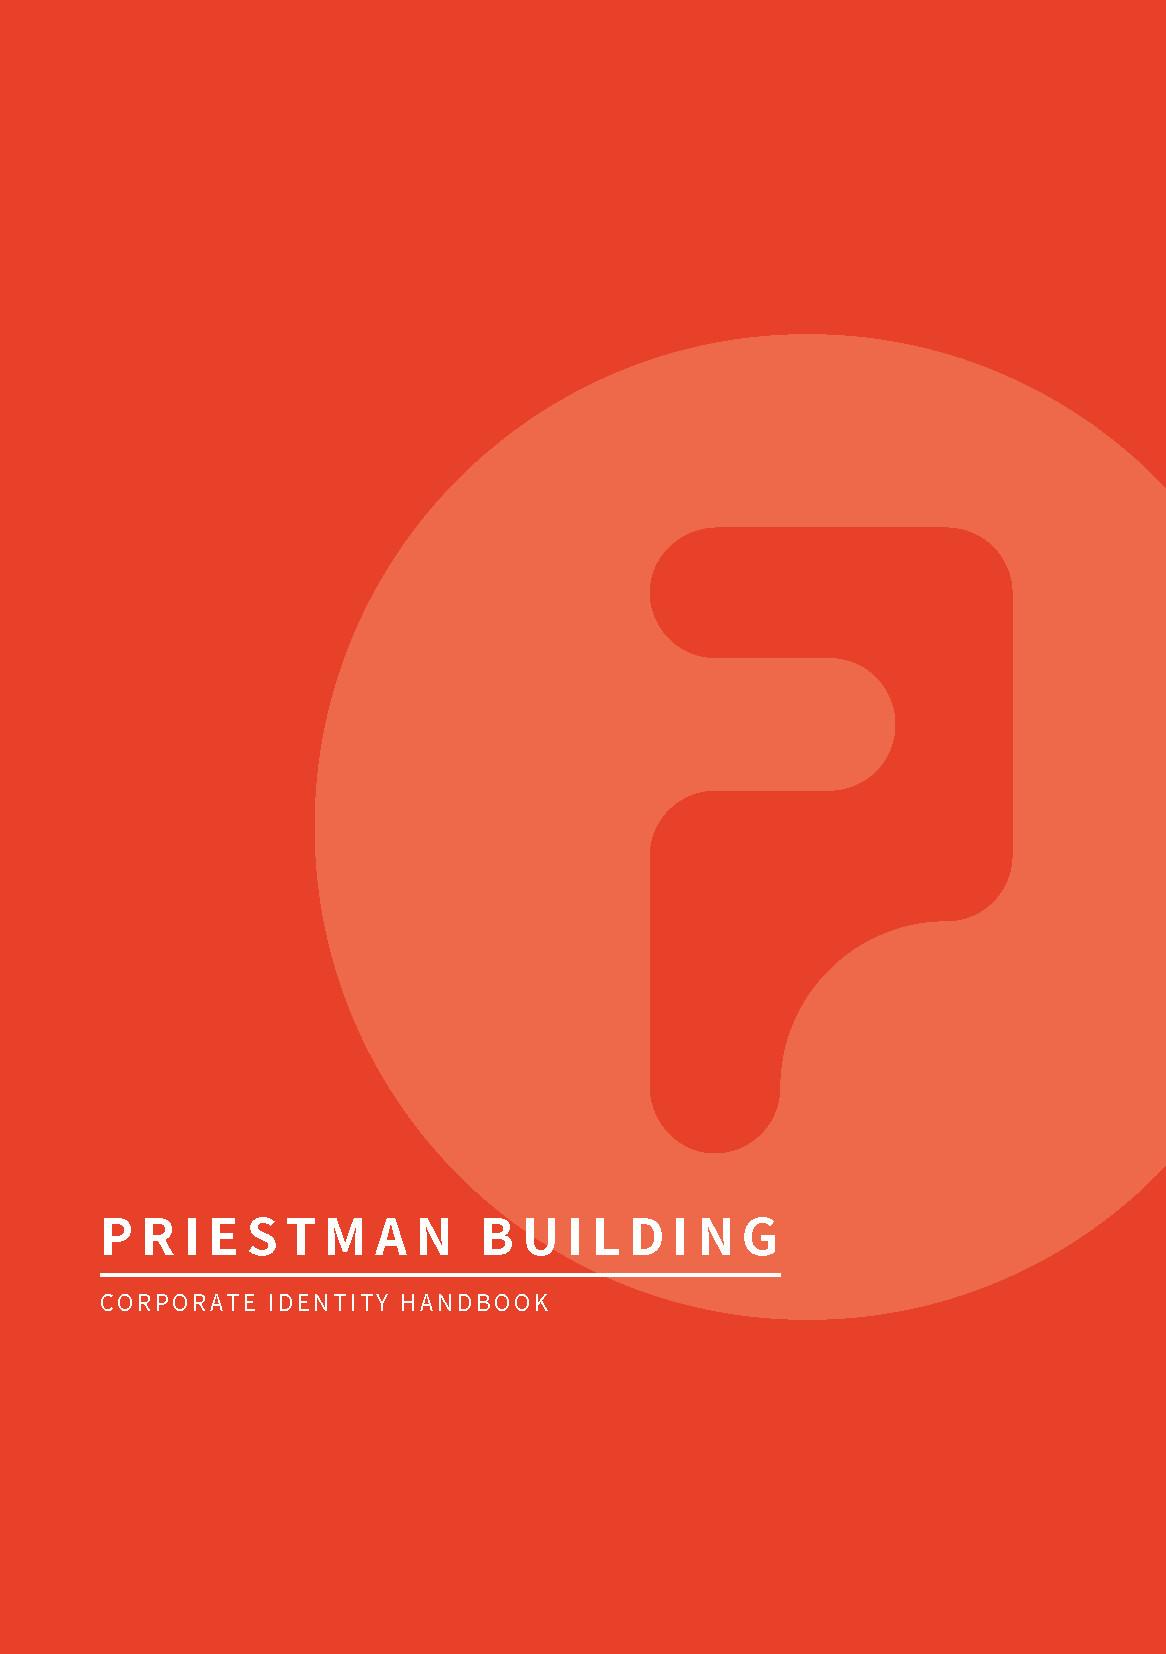 Mathew maddison priestman identity handbook page 01